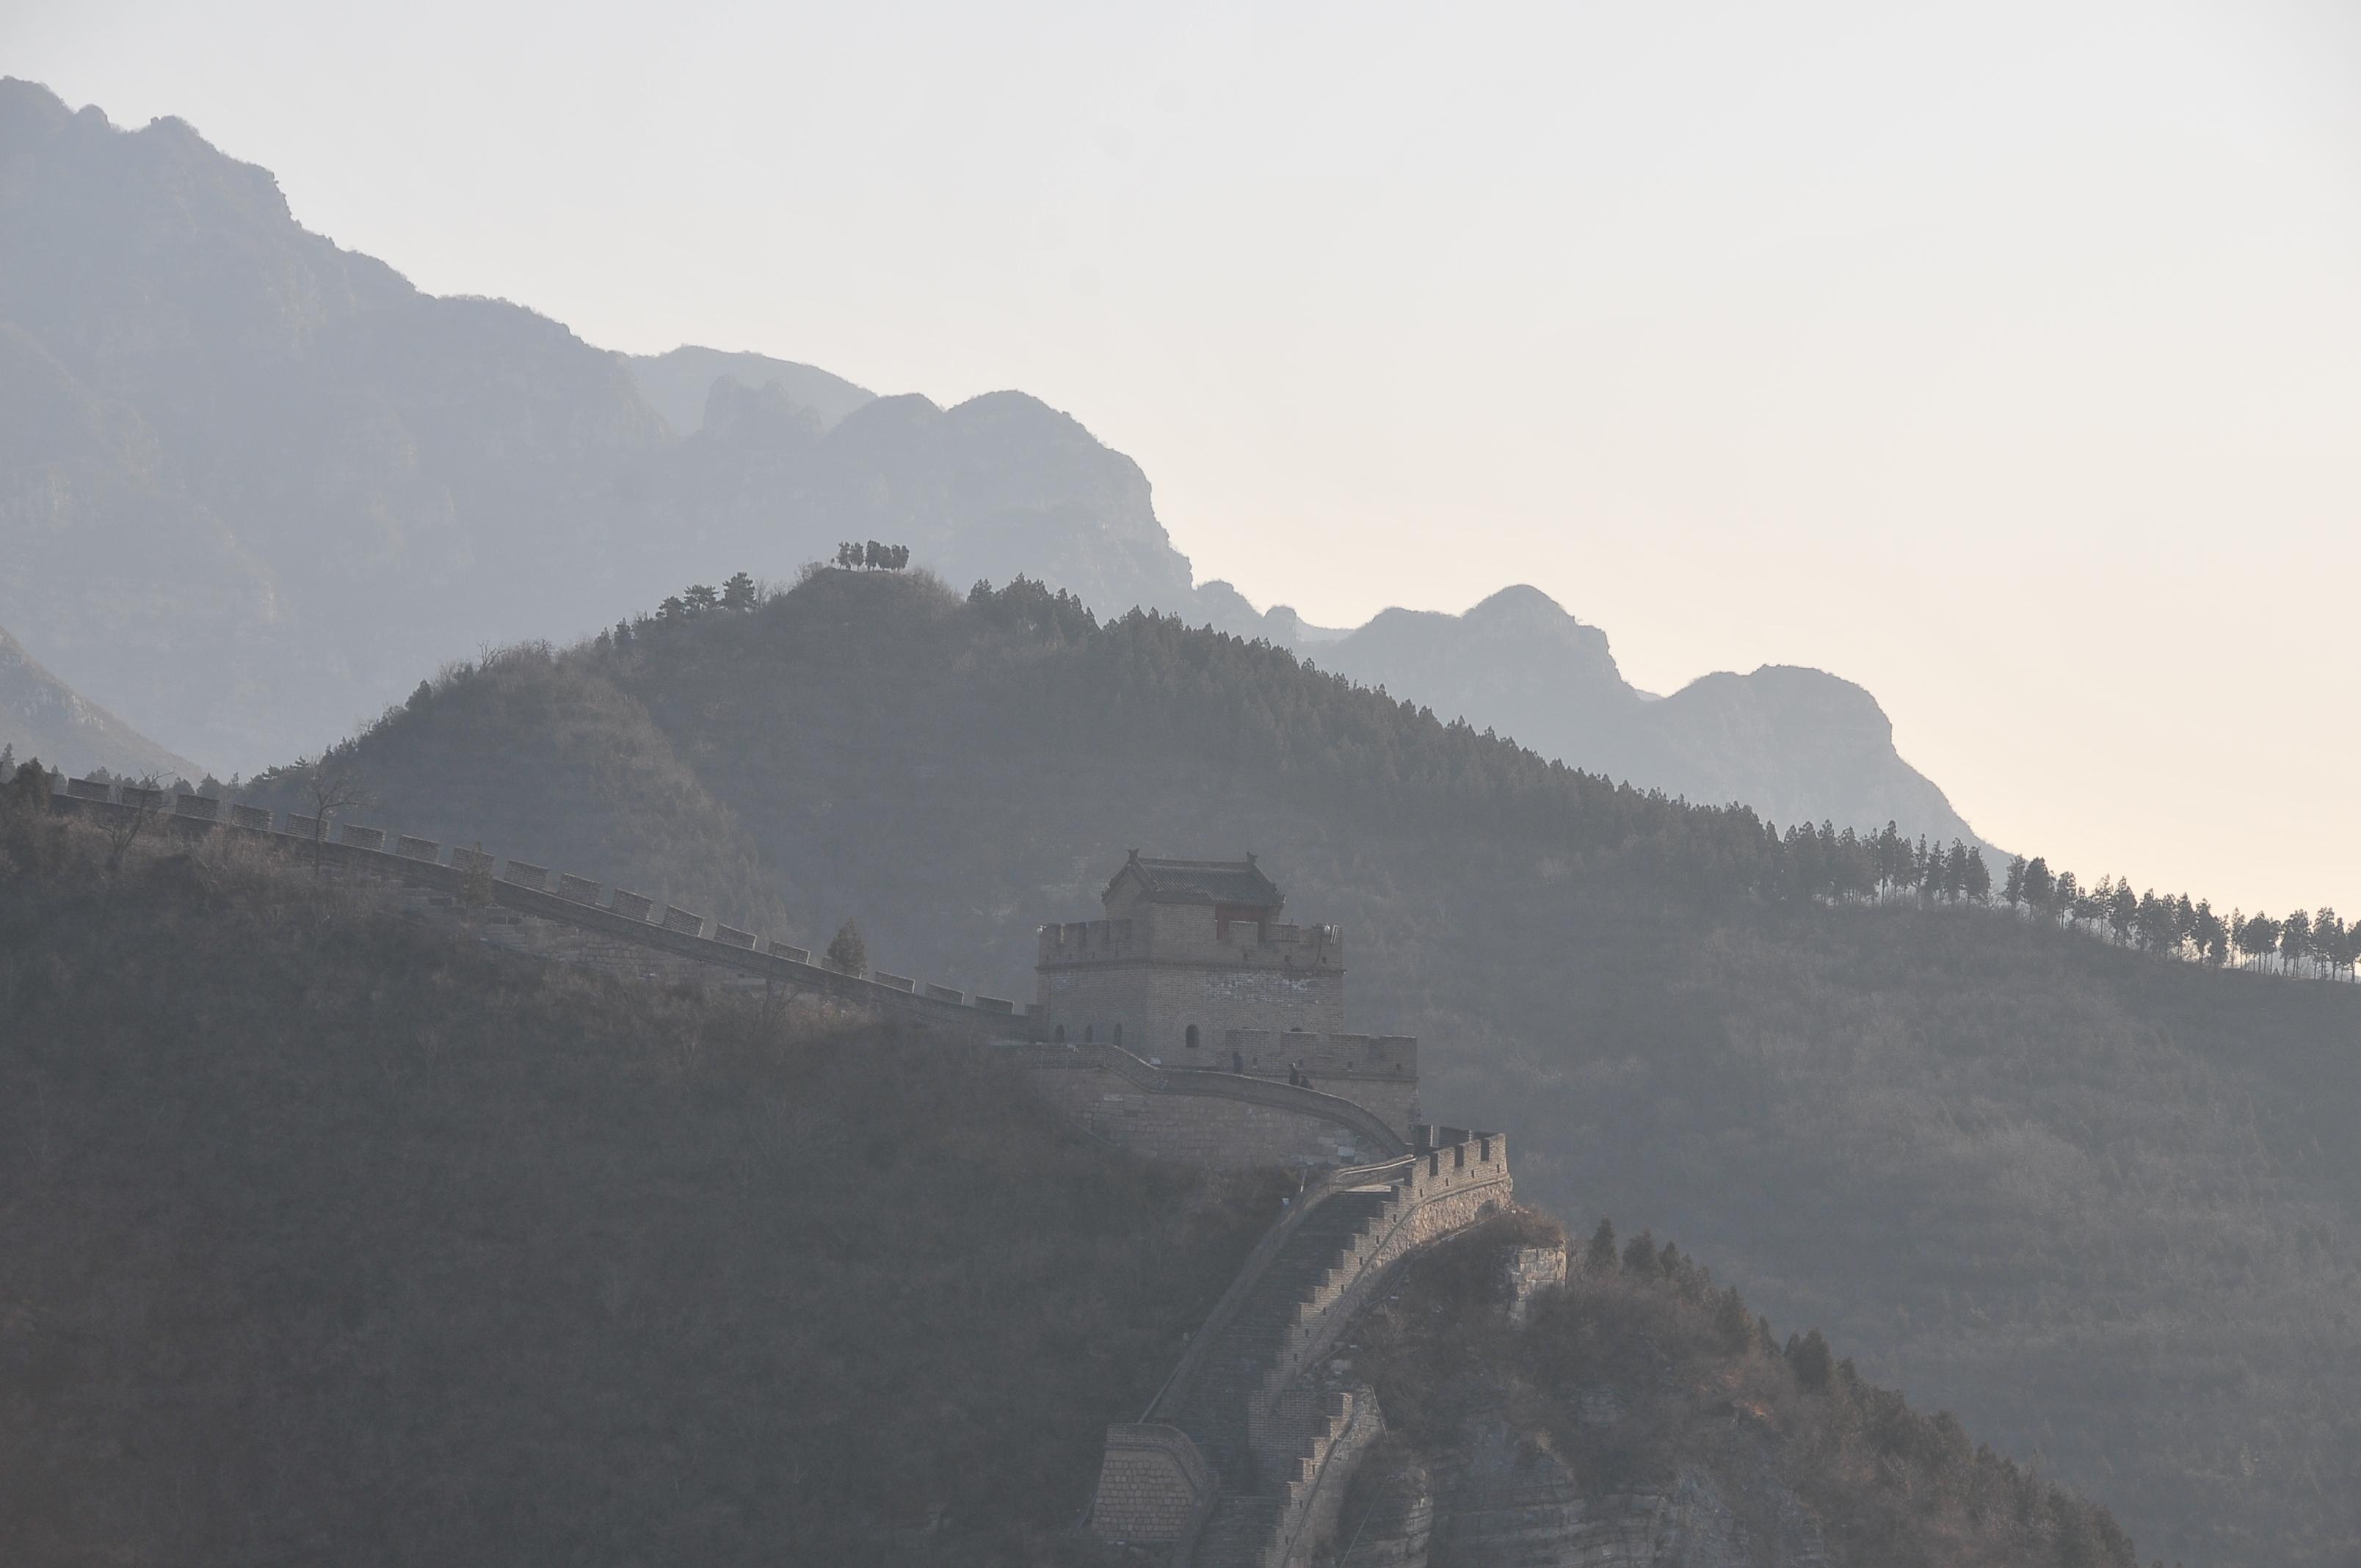 Vạn Lý Trường Thành tuyệt đẹp của Trung Quốc